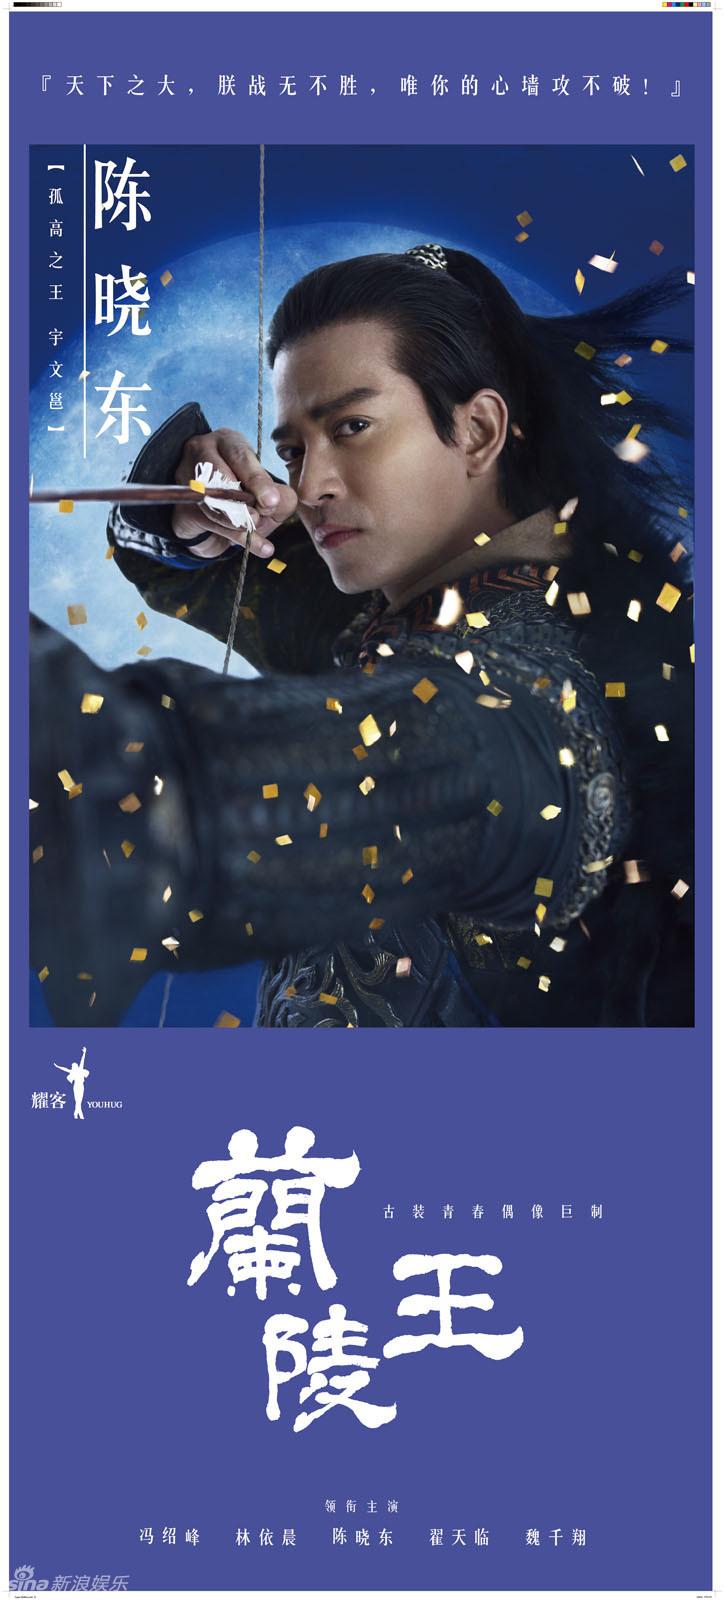 Hinh-anh-phim-Lan-lang-vuong-2012_03.jpg